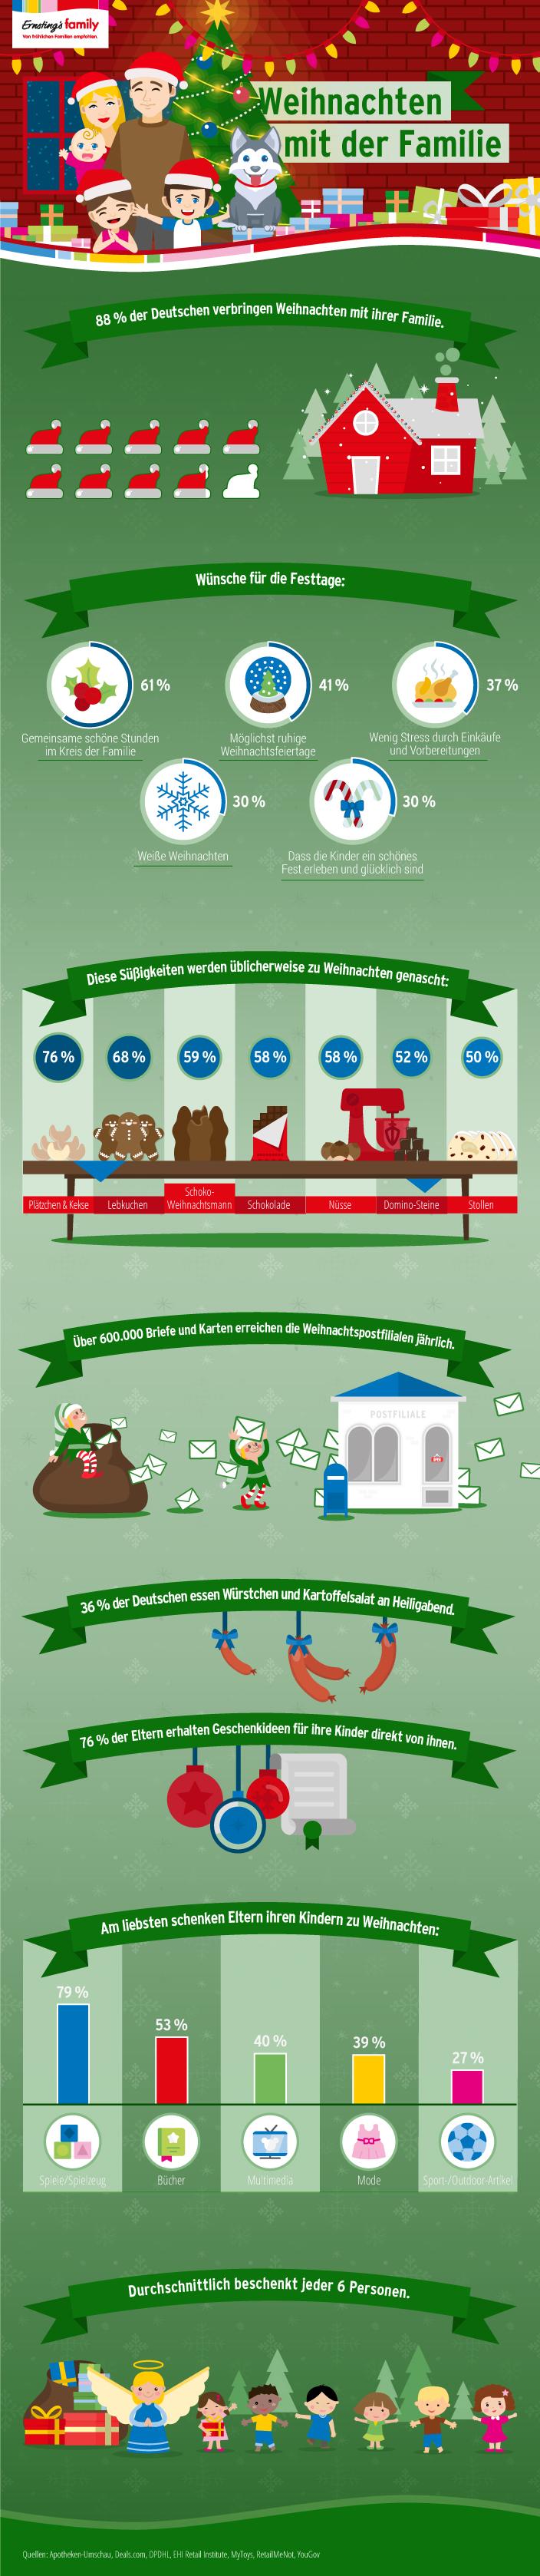 Weihnachten mit der Familie, so feiern die Deutschen Weihnachten, Zahlen Weihnachten, Daten Weihnachten, Fakten Weihnachten